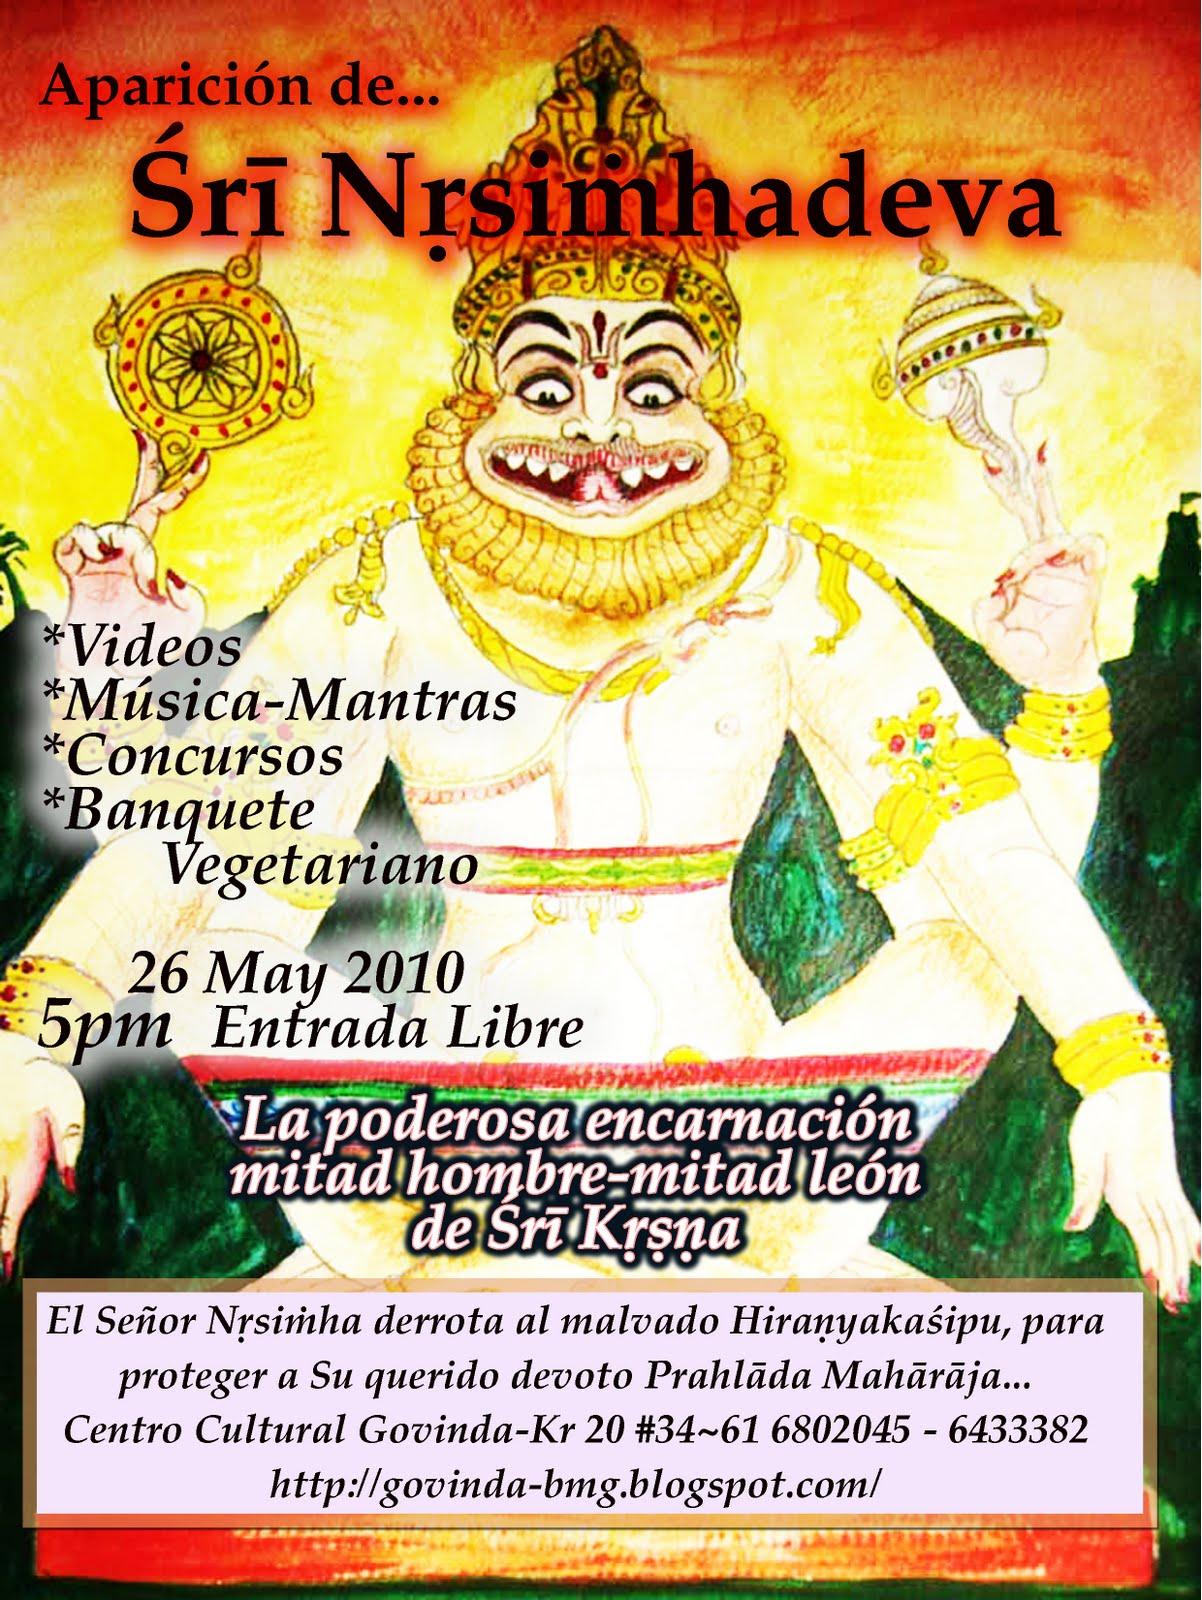 http://2.bp.blogspot.com/_ml0f6m1vxuc/S_hPXvohnhI/AAAAAAAAABY/ftjKzNFk6_Q/s1600/Fiesta+Nrsim2.jpg